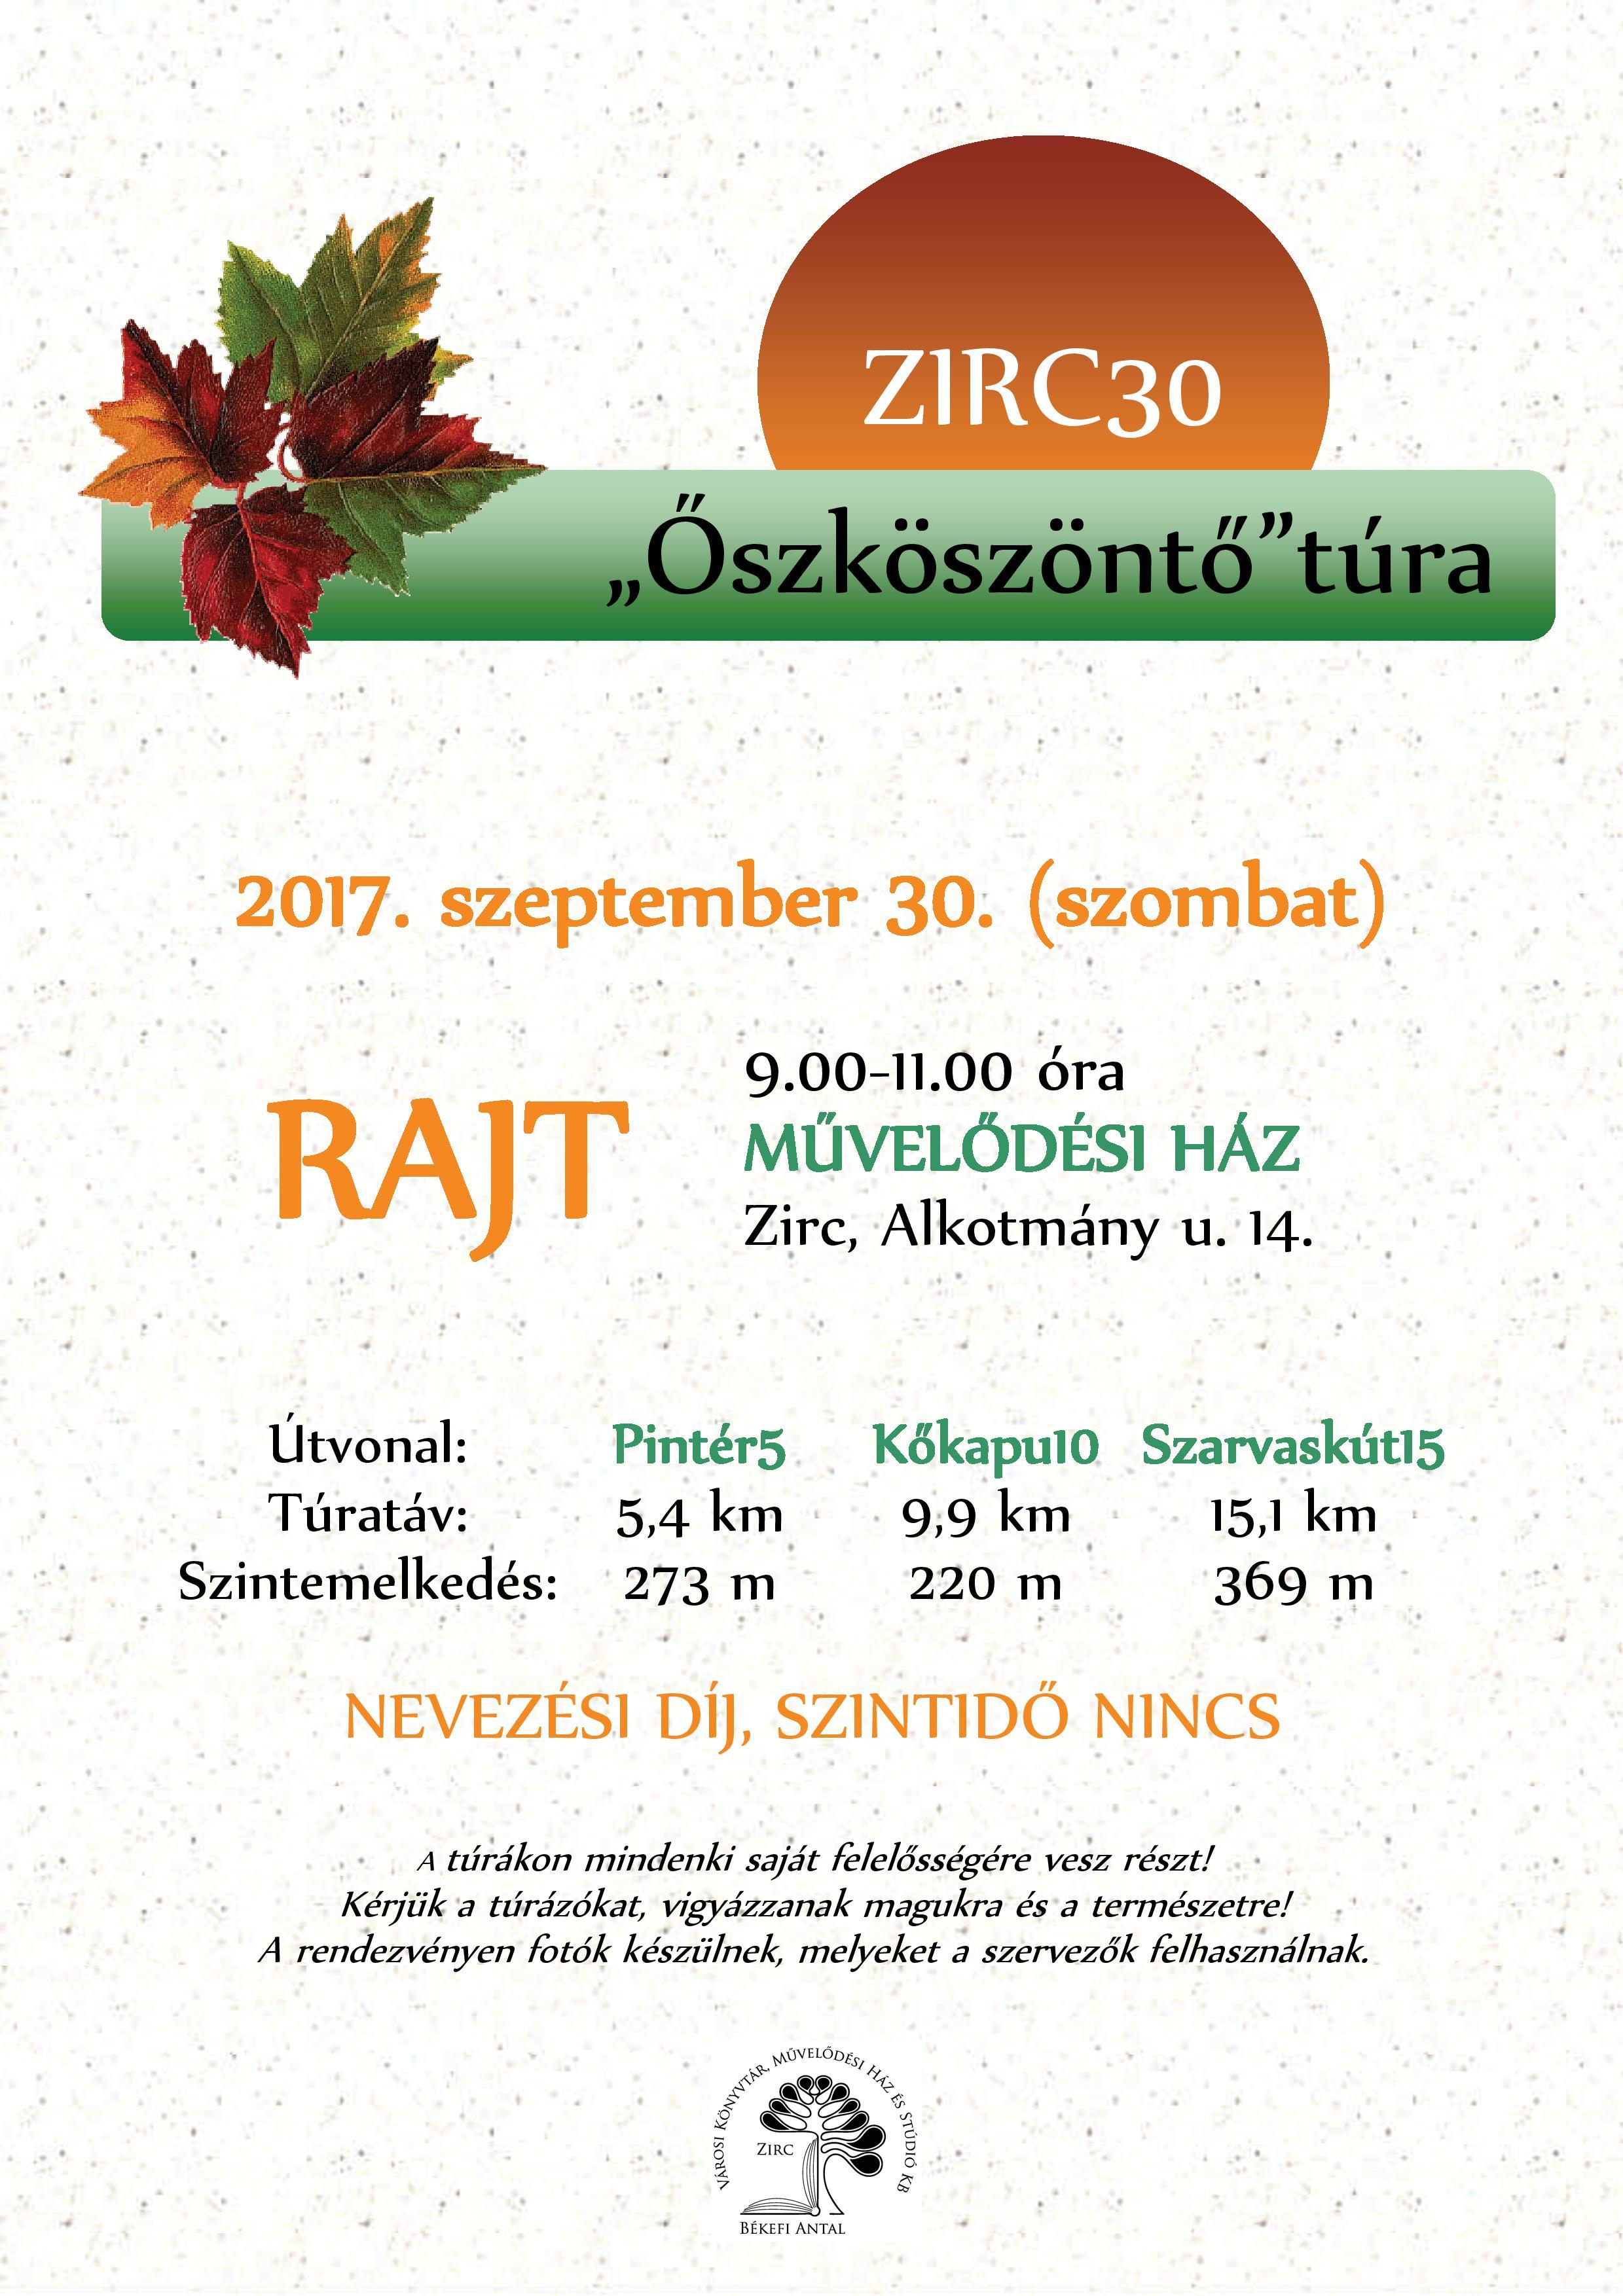 2017-09-30_zirc30_oszkoszonto_tura.jpg